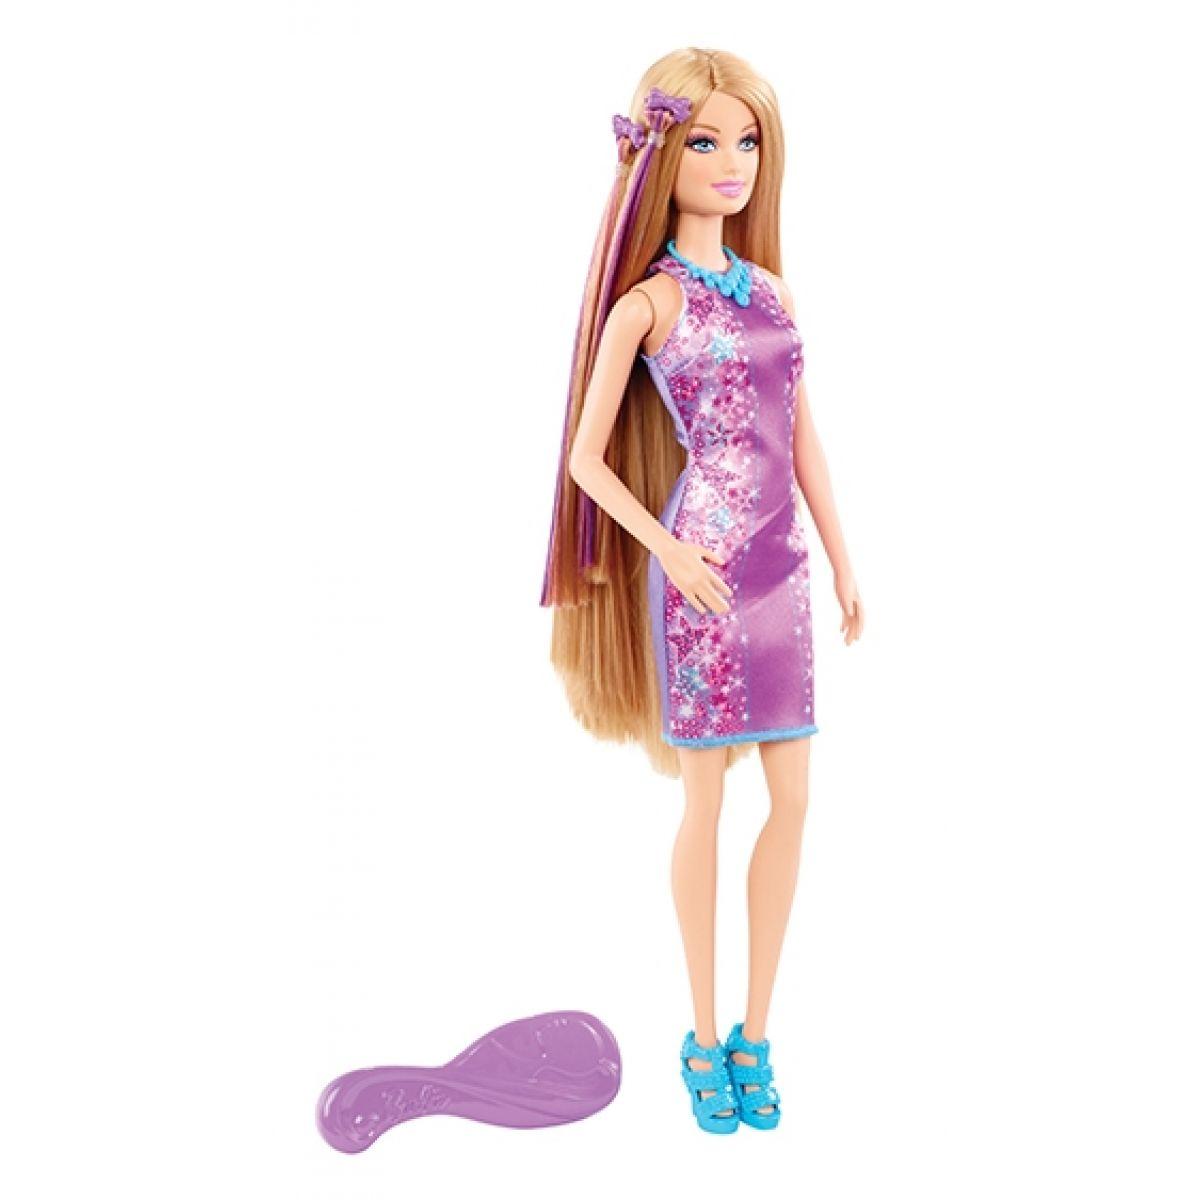 Barbie Fantastické vlasy - Barbie fialová